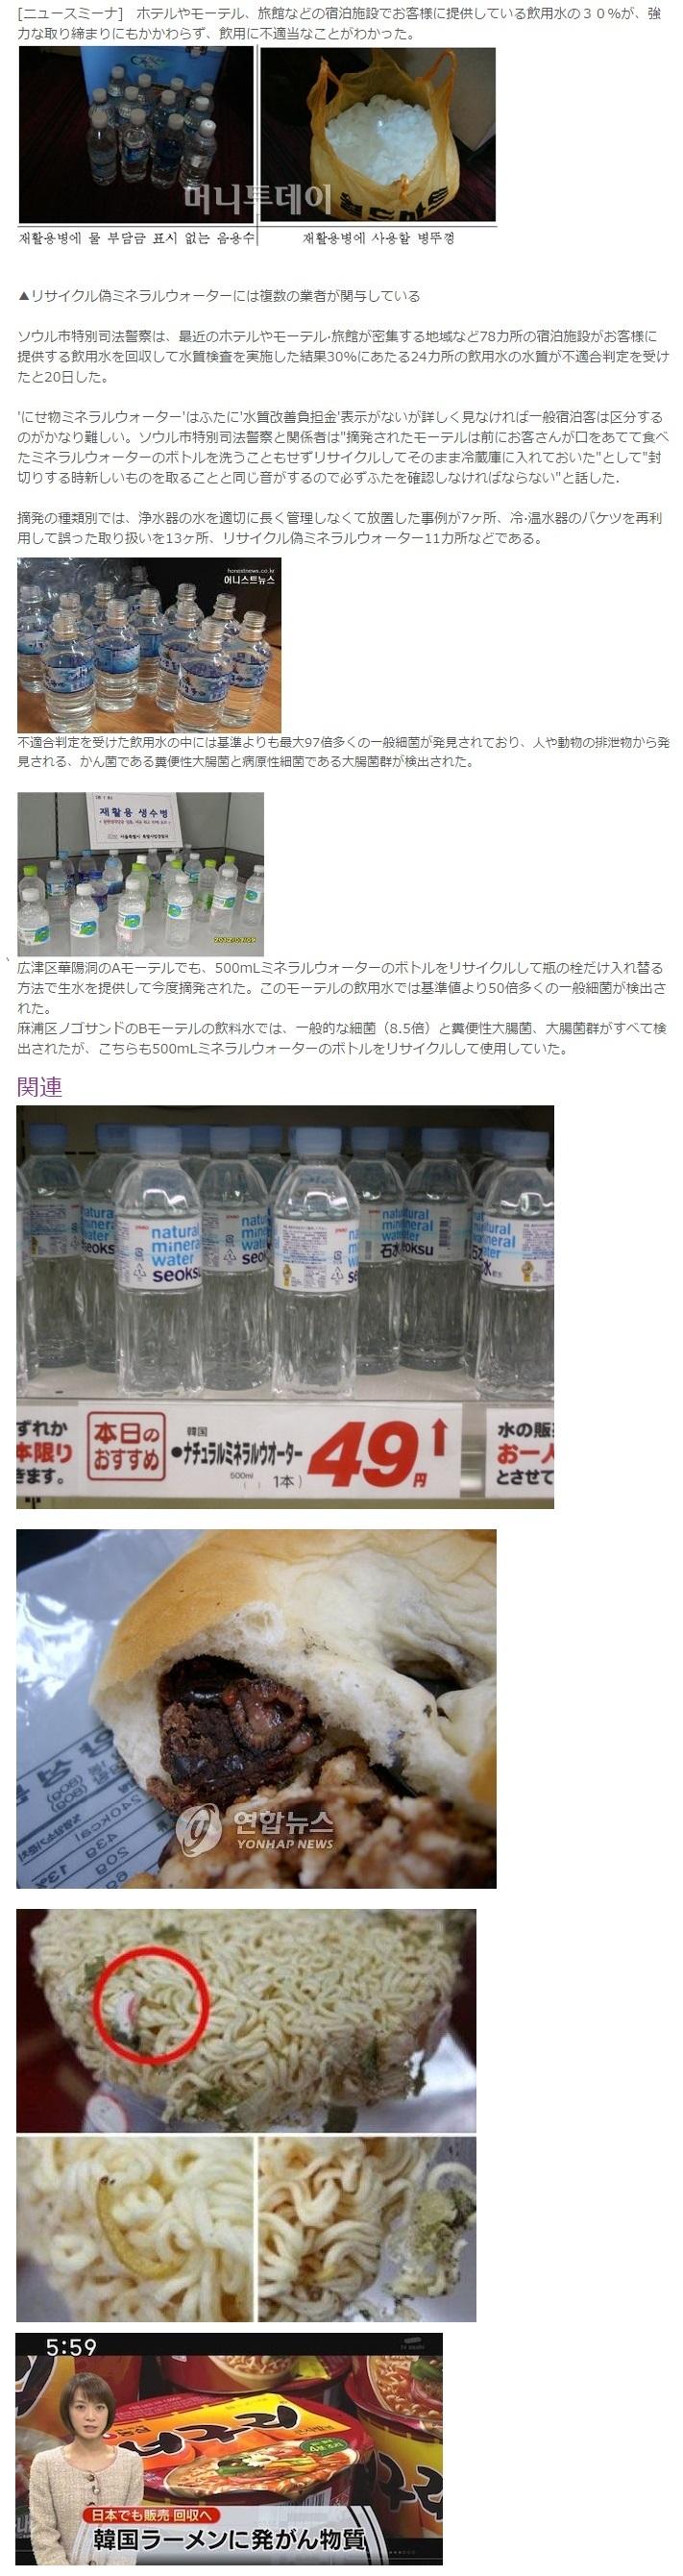 チョン国産ビールの水事情5